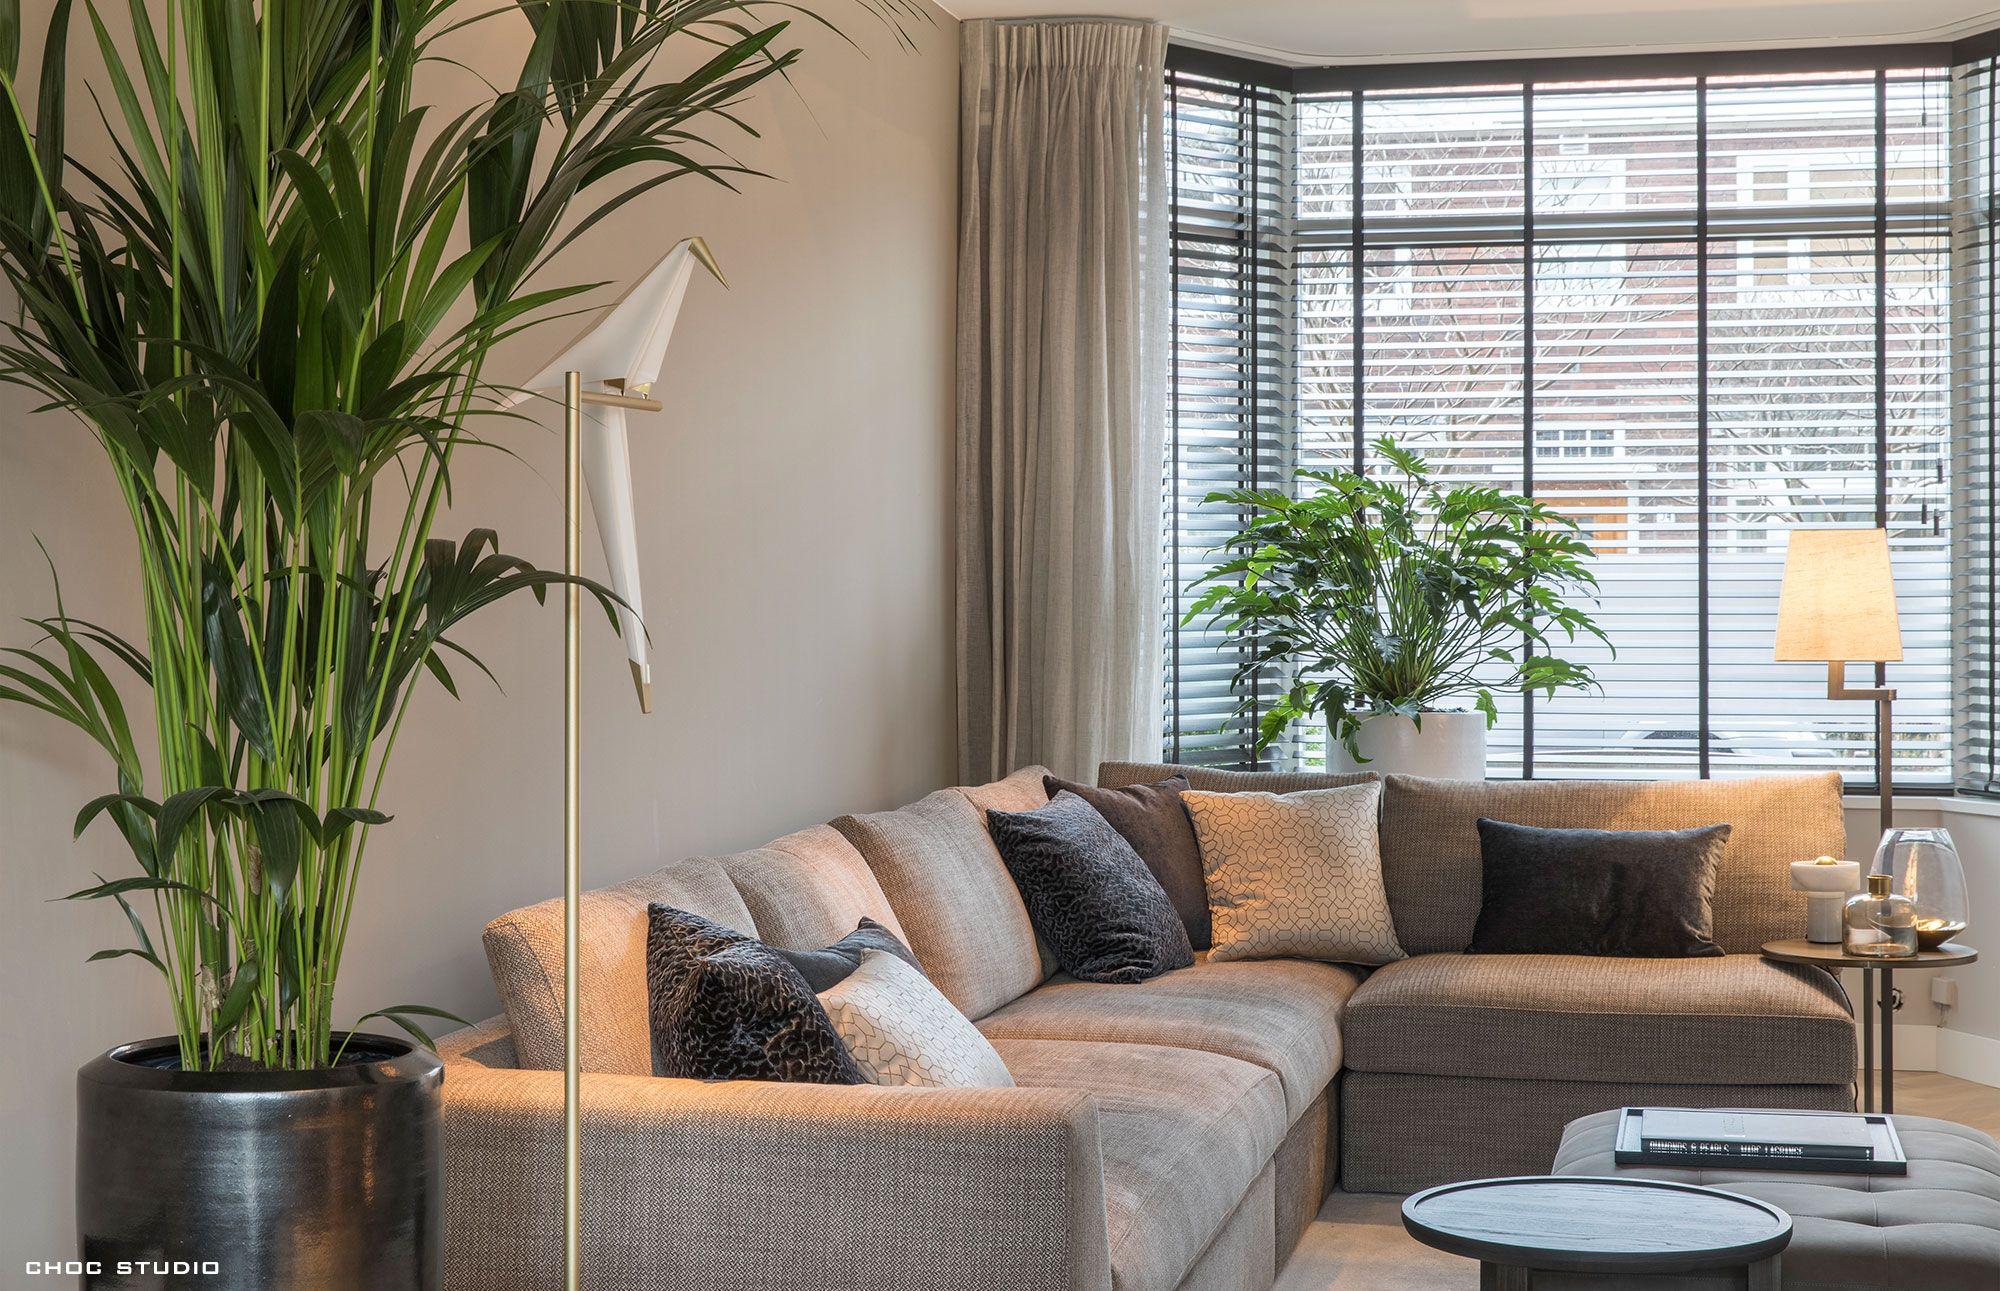 choc studio - modern chic interiors - interieurontwerp en realisatie ...